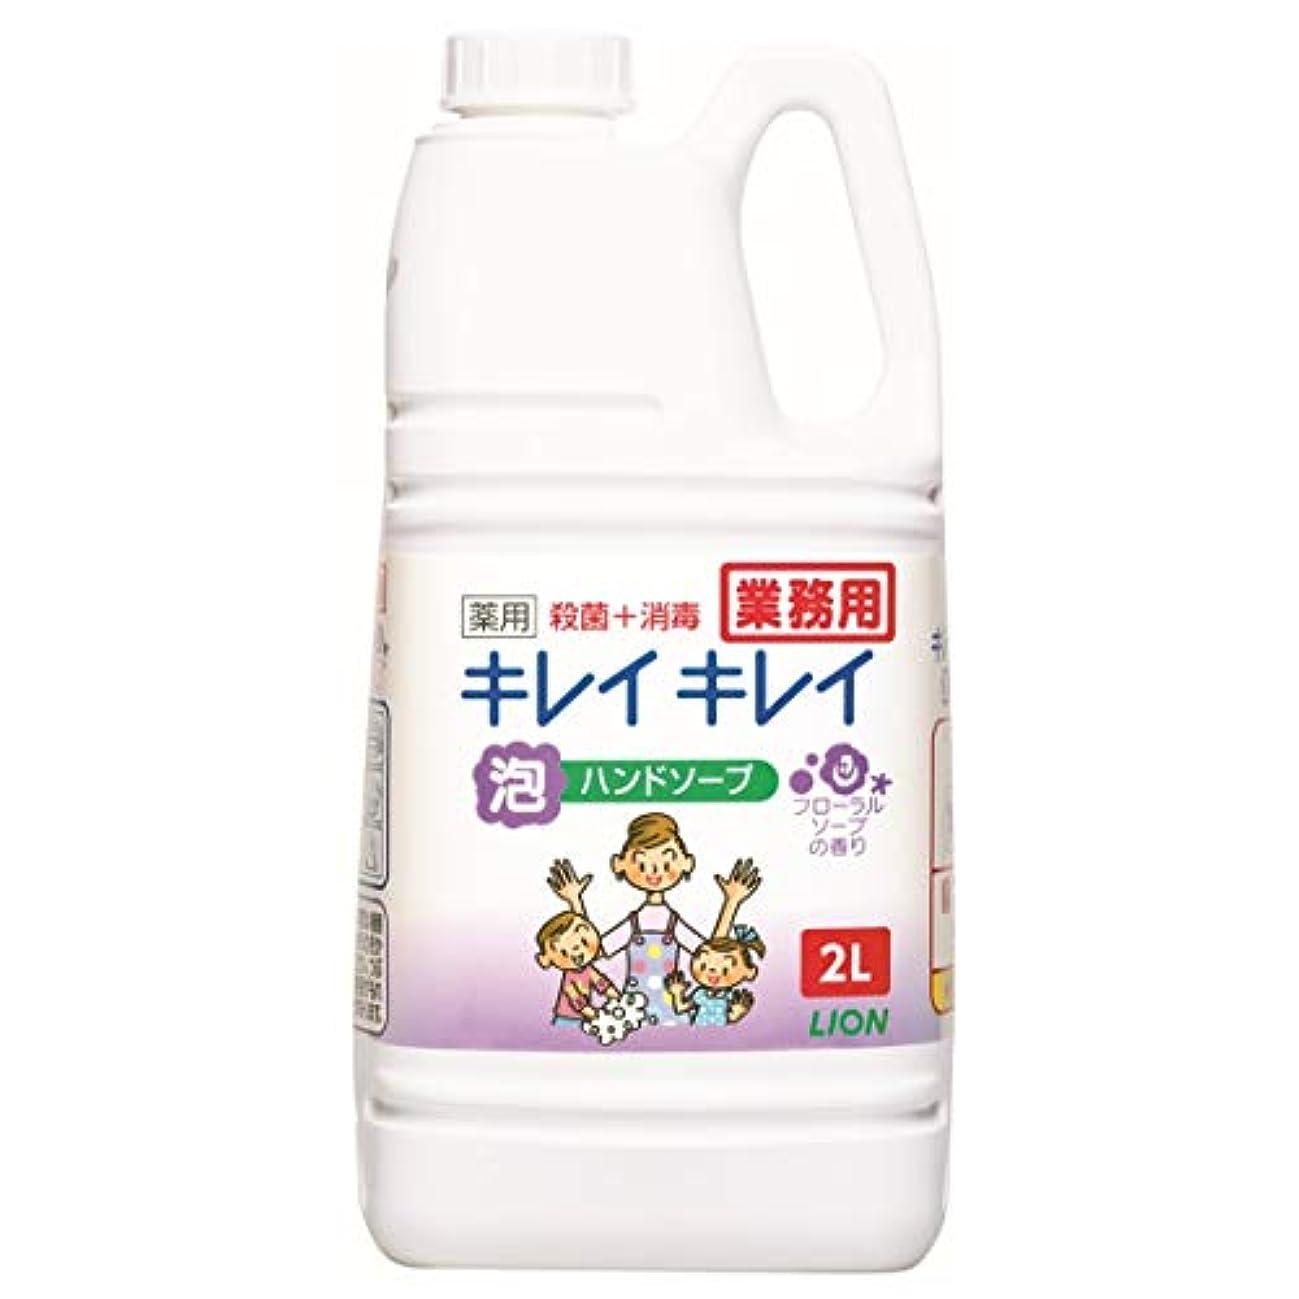 決めますぼかし情報【大容量】キレイキレイ 薬用泡ハンドソープ フローラルソープの香り 2L